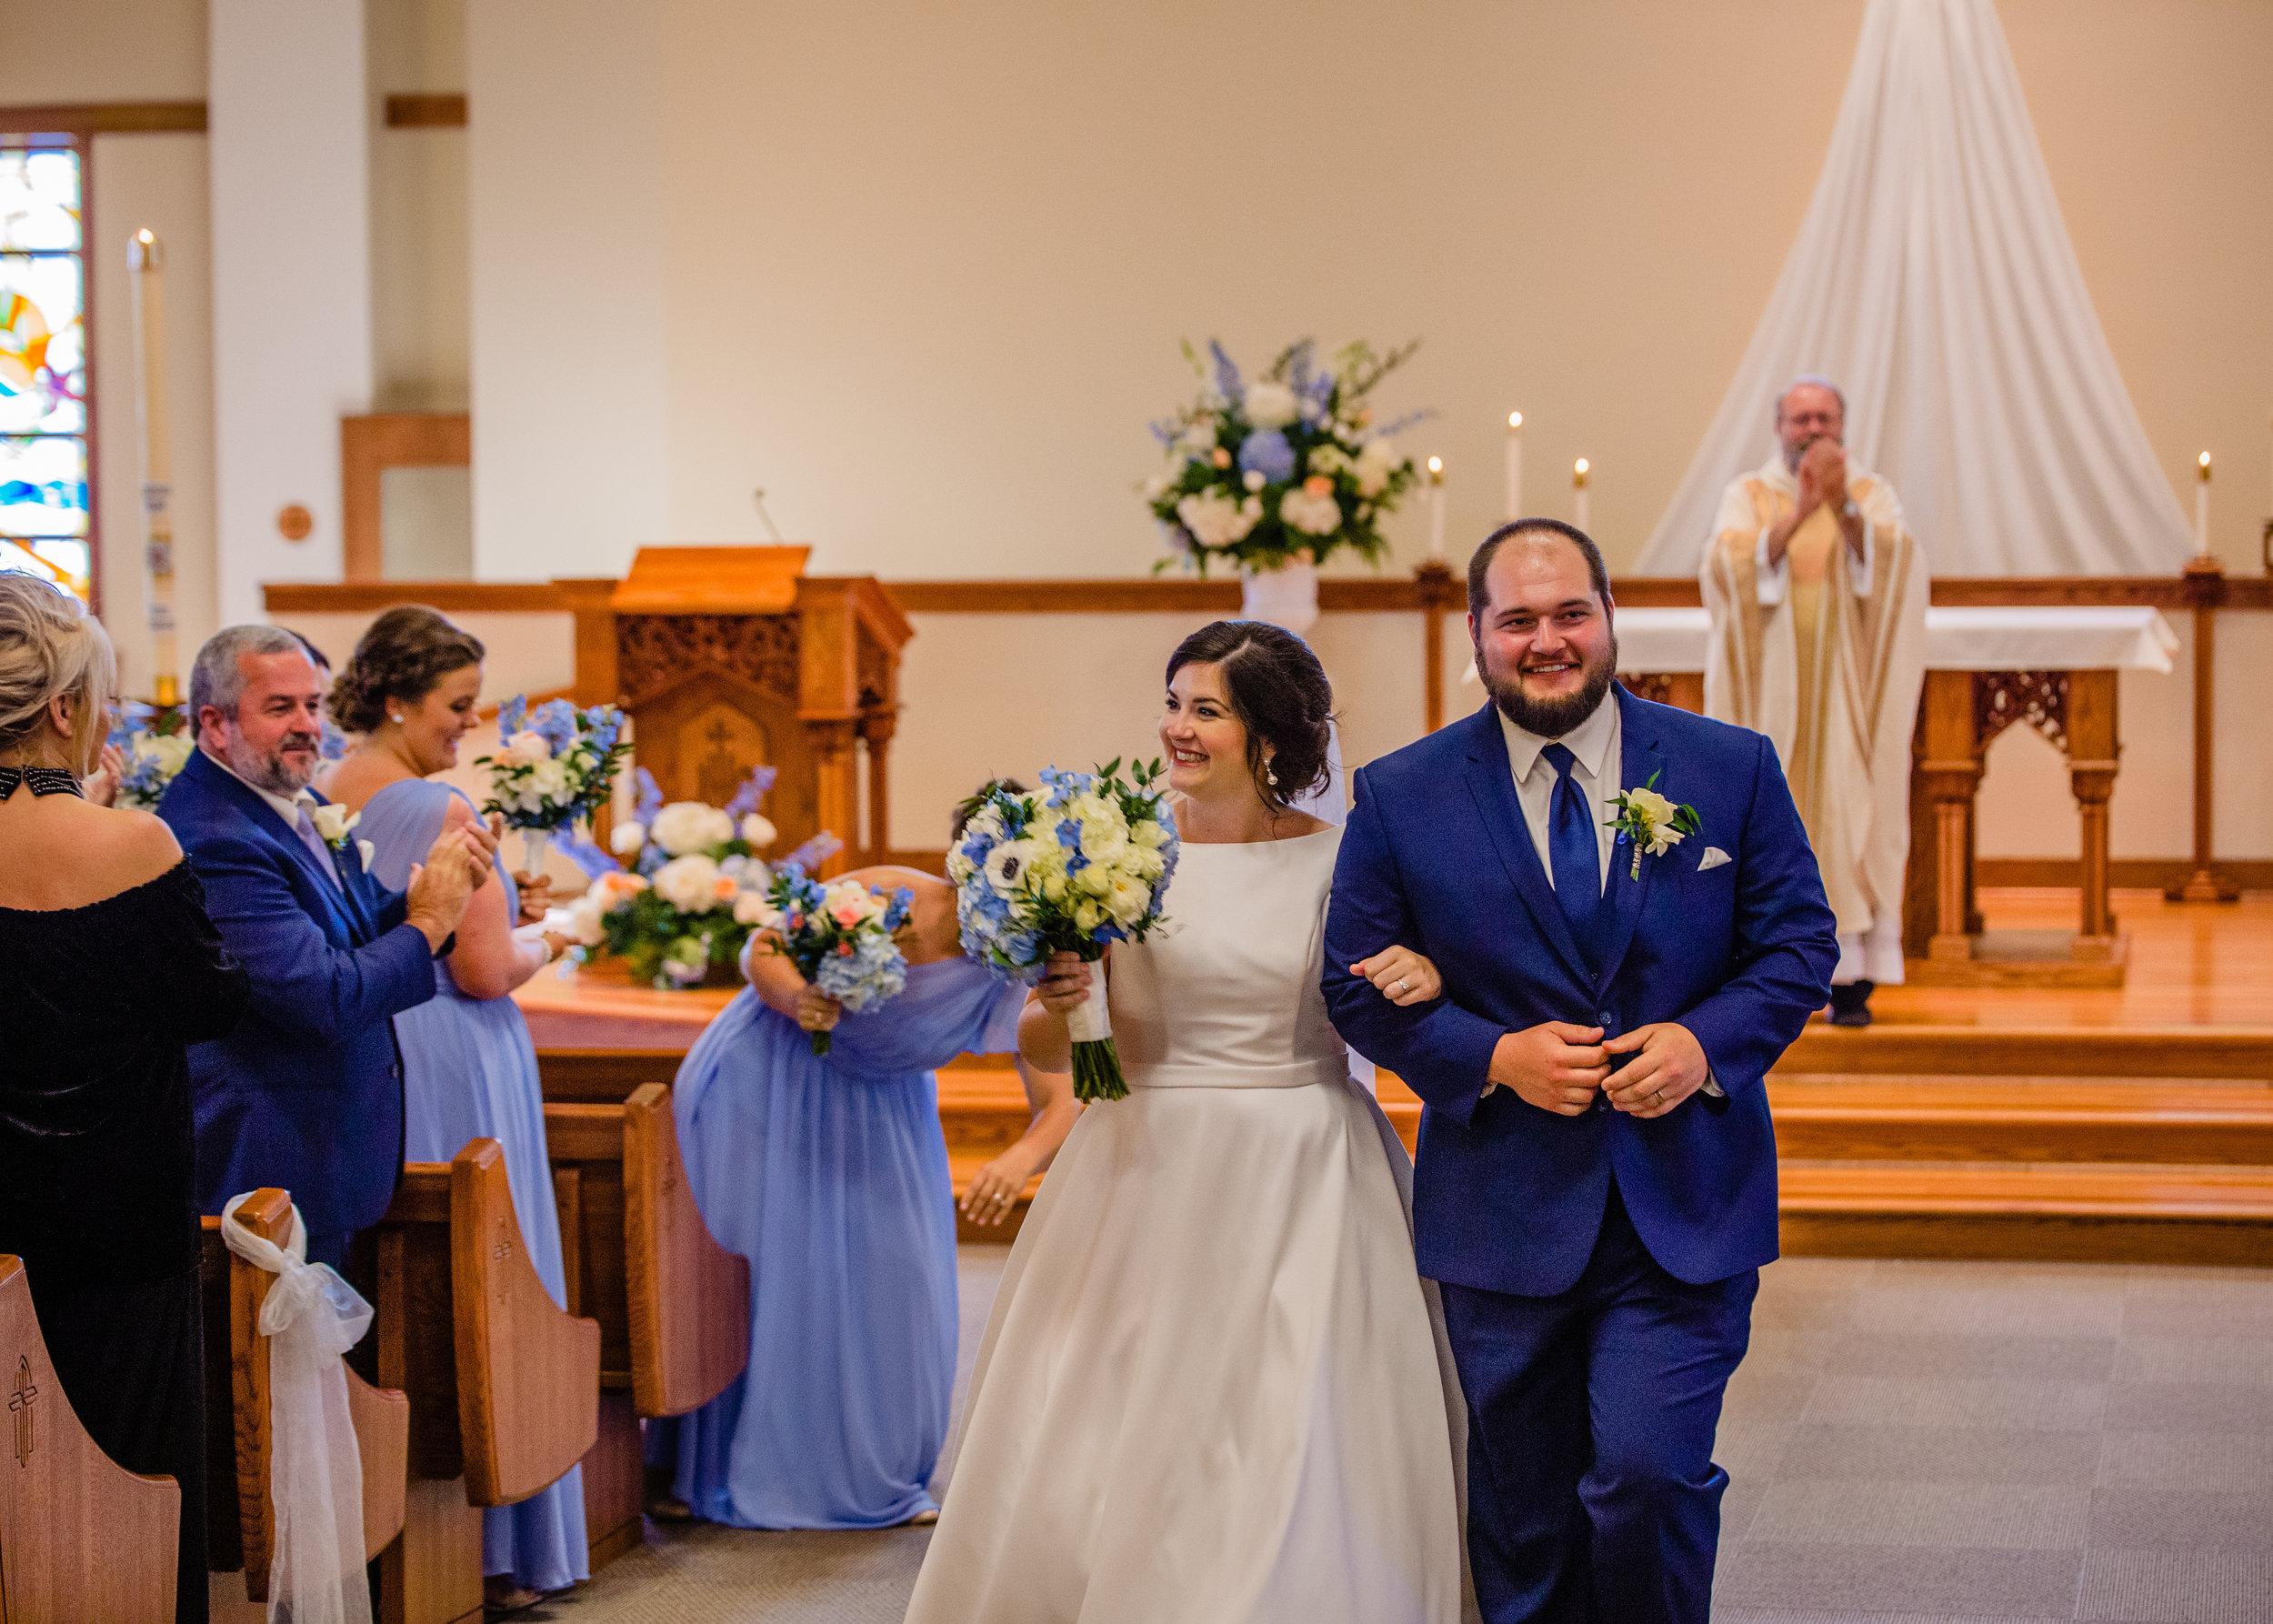 maggieandnatemarried-754.jpg